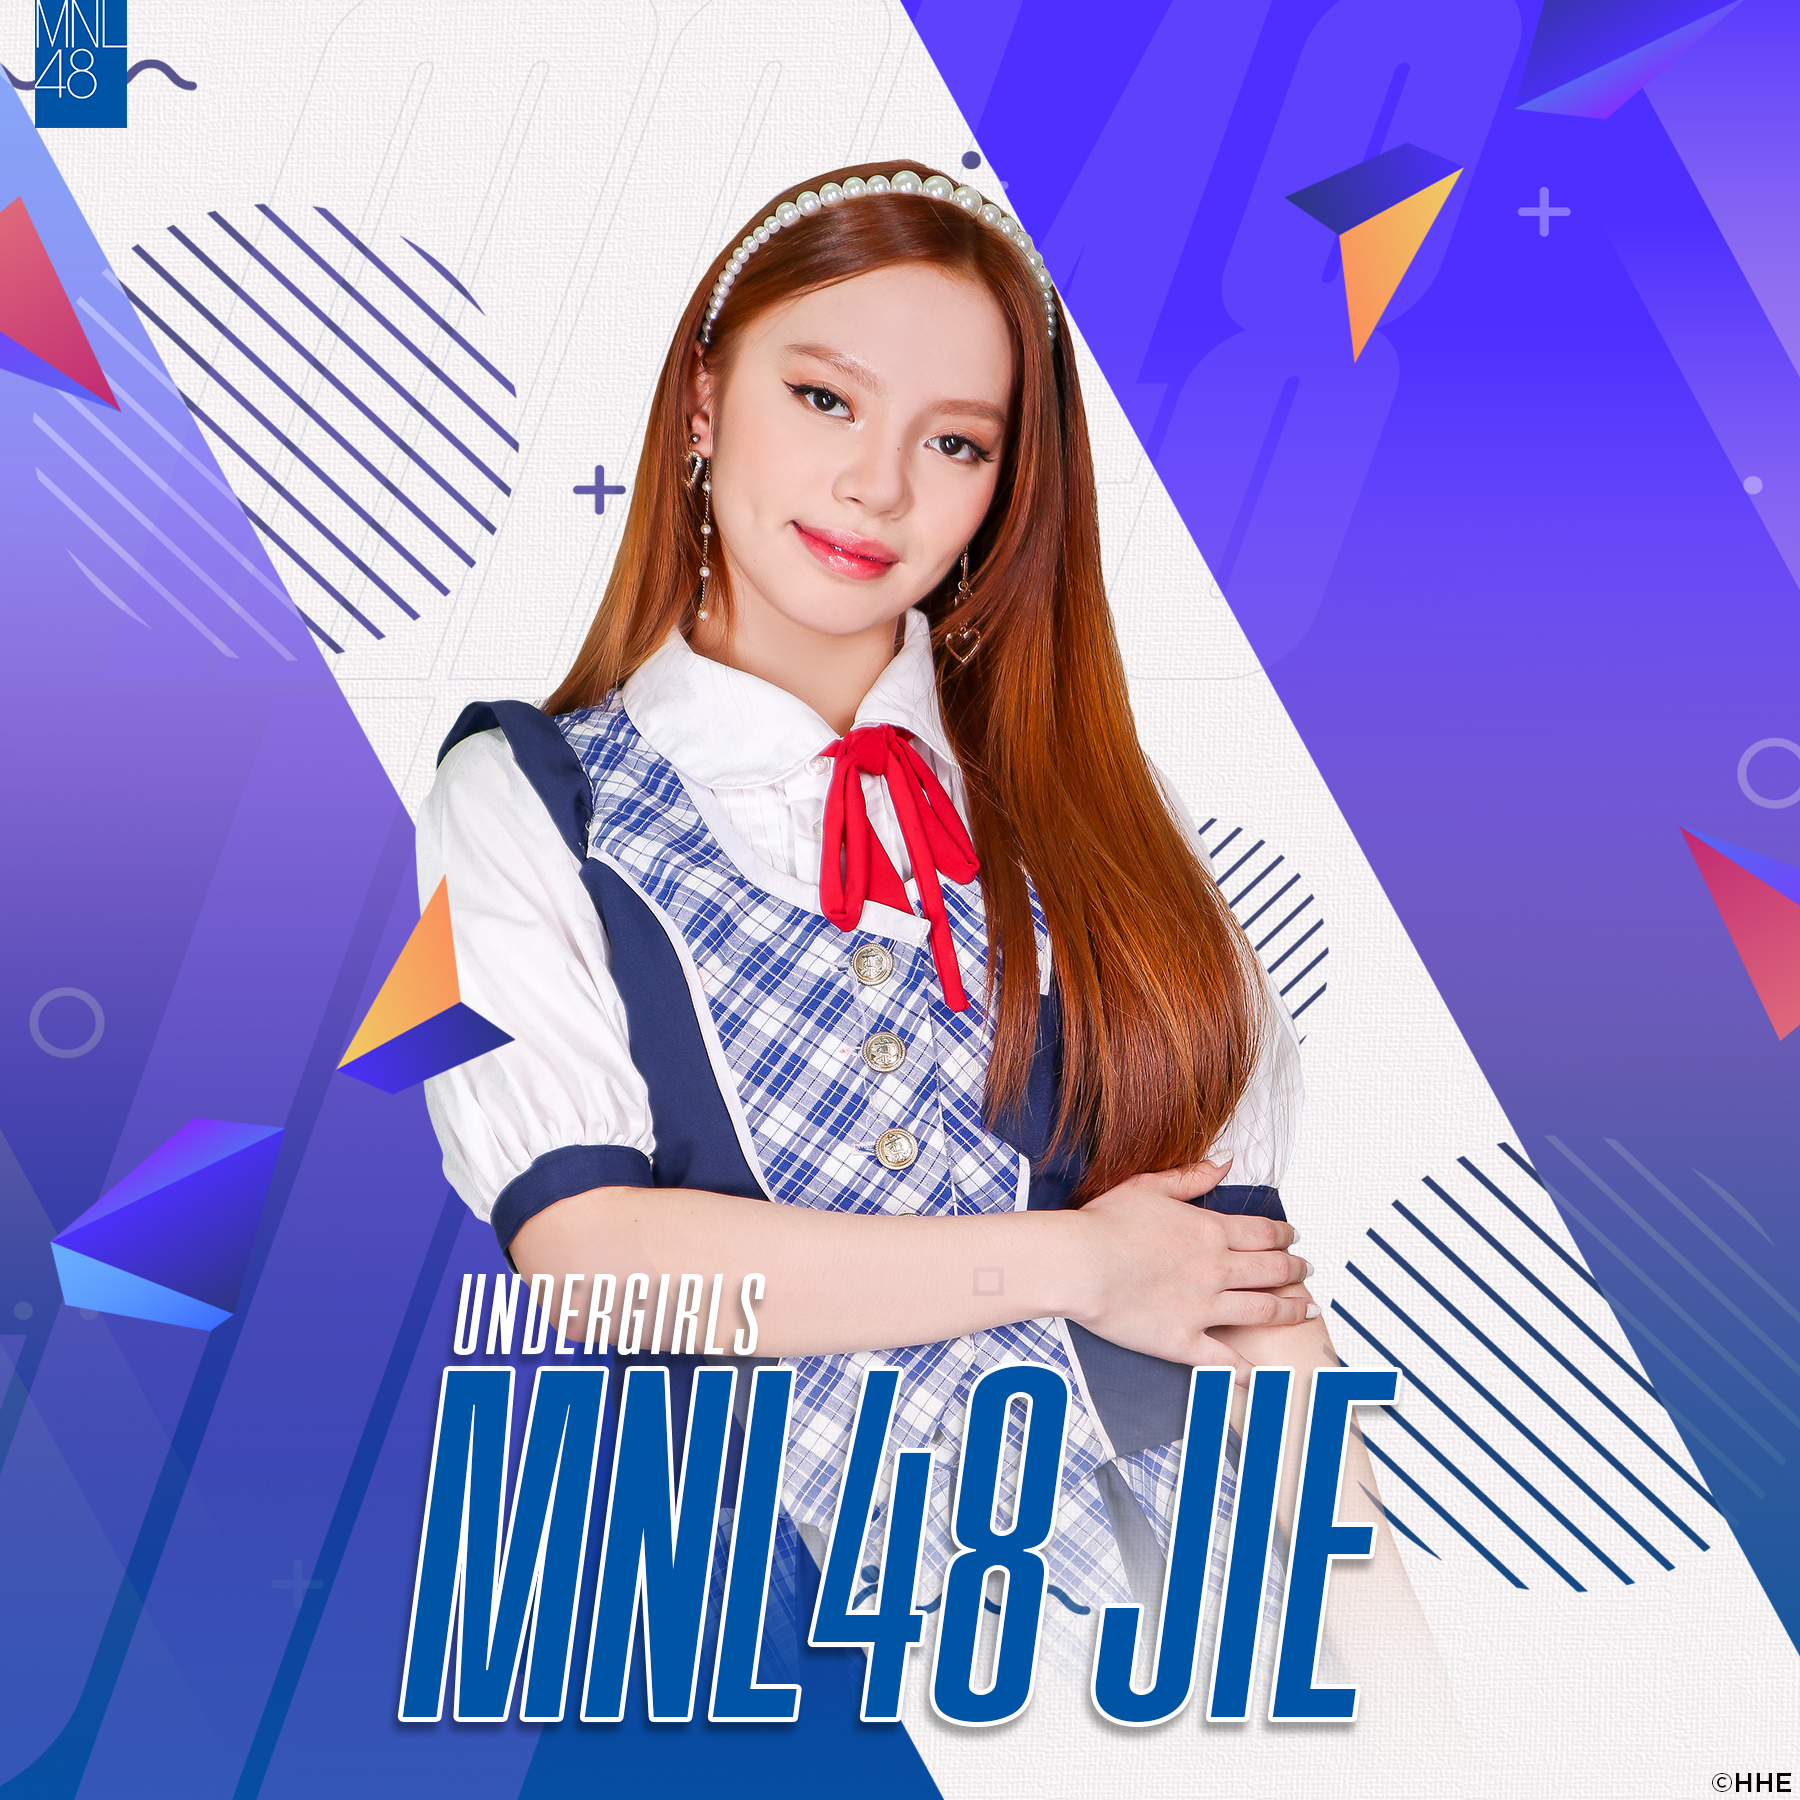 MNL48 Jie